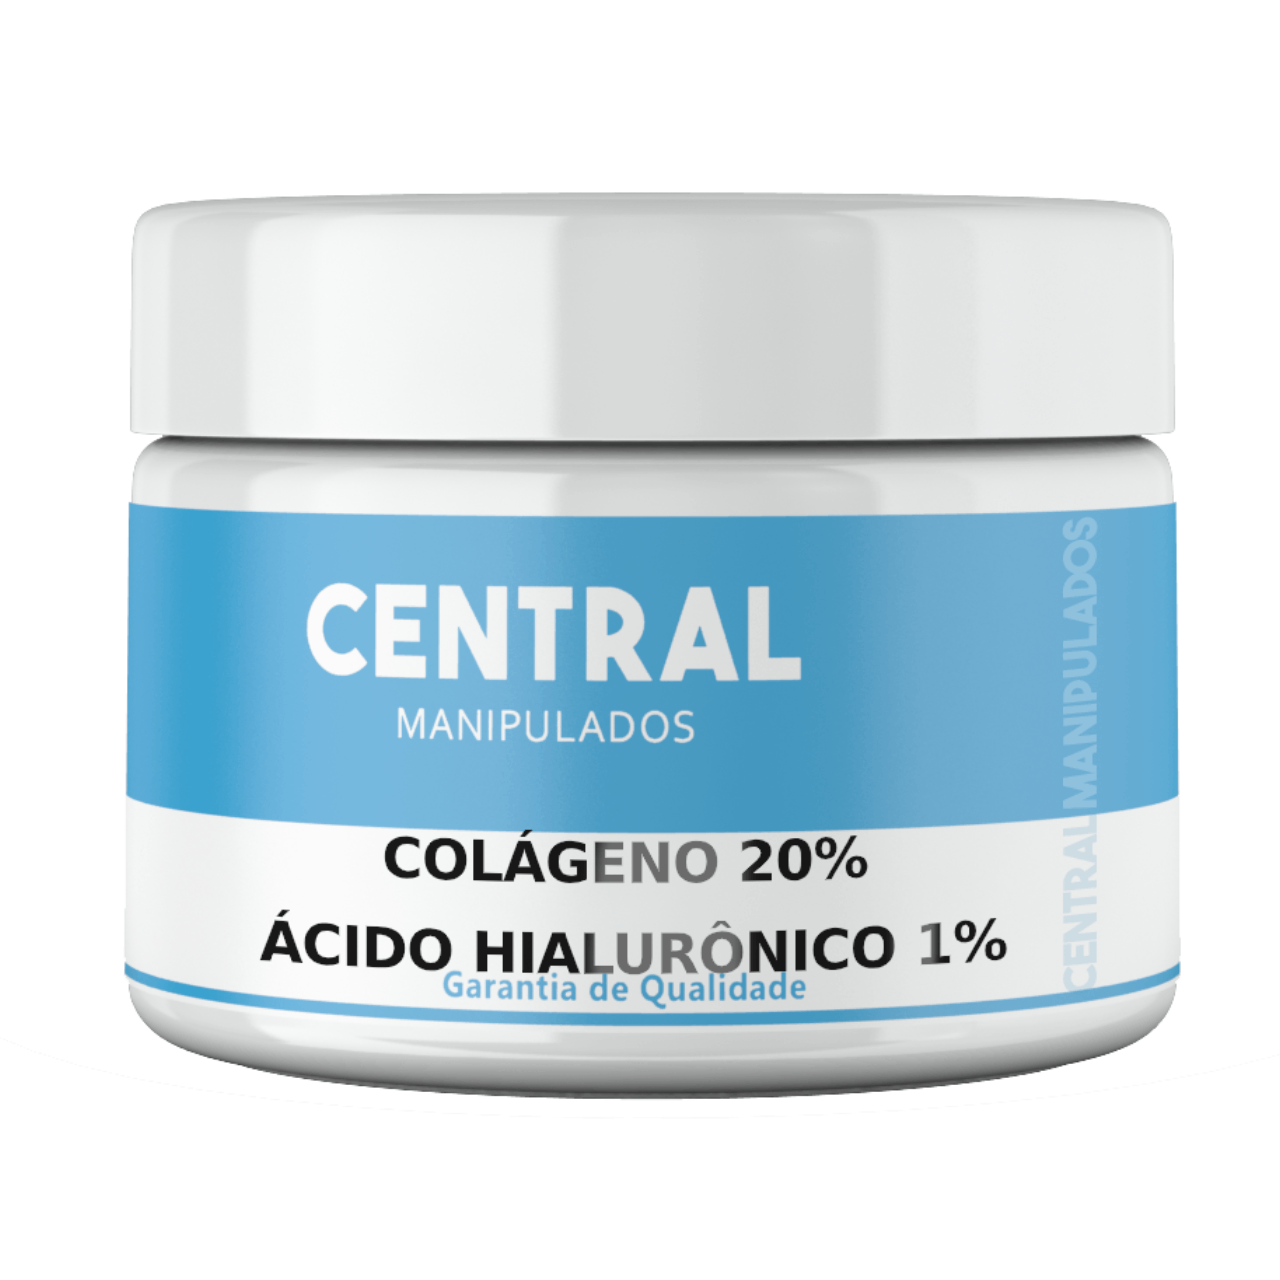 Colágeno 20% + Ácido Hialurônico 1% - Creme 100gramas - Previne e trata a flacidez, Evita rugas e linhas de expressões